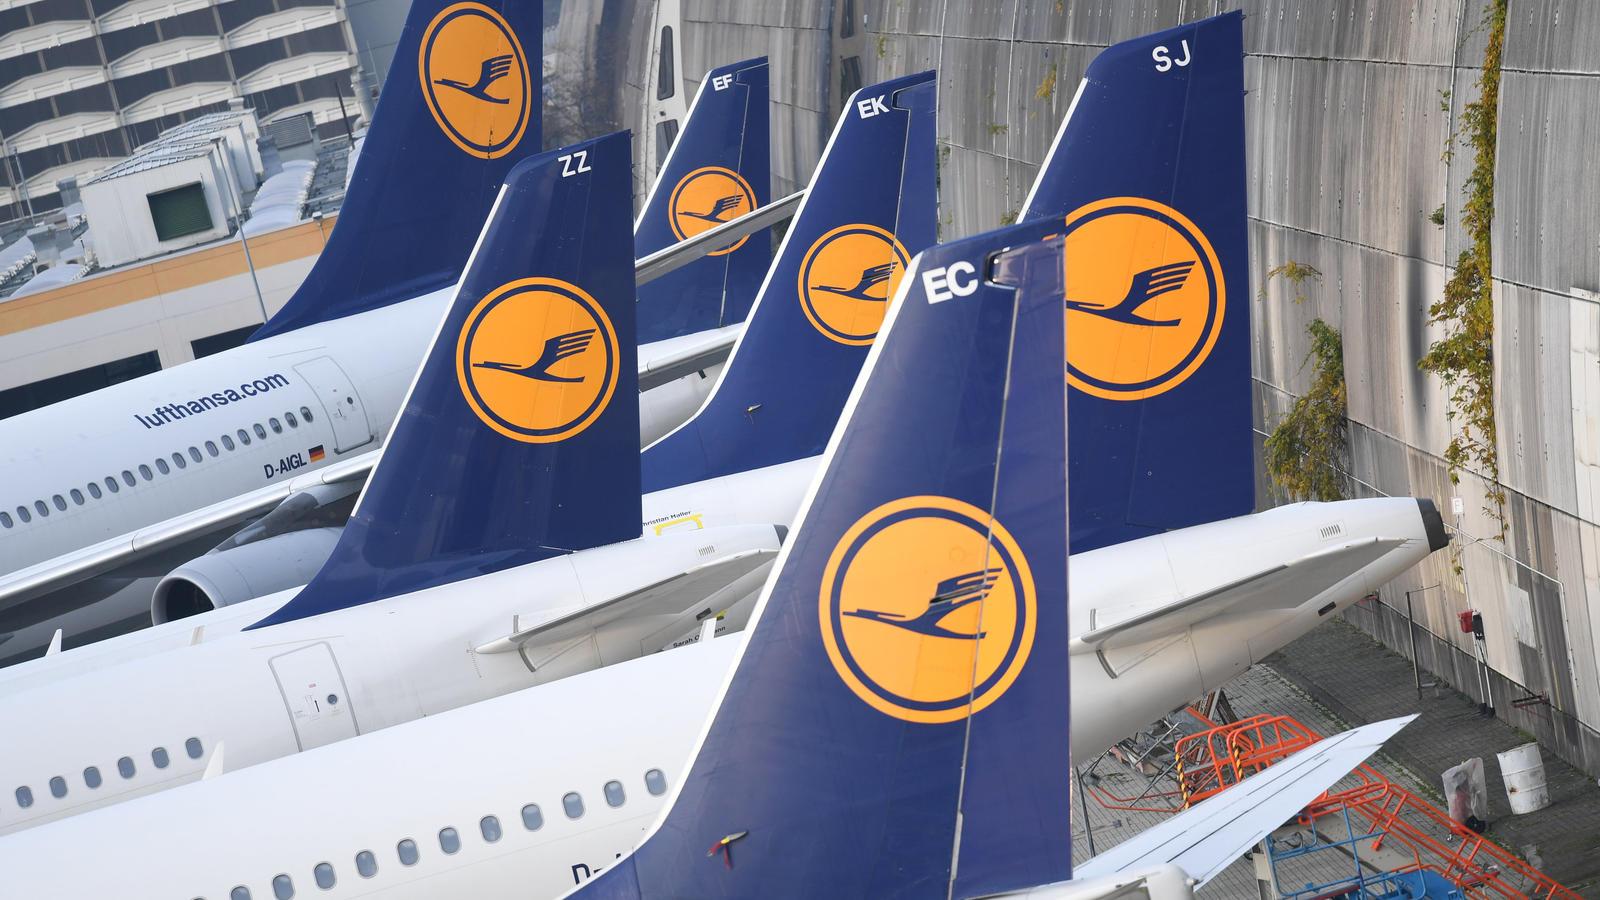 Der Einspruch der Lufthansa gegen den Pilotenstreik wurde abgewiesen.